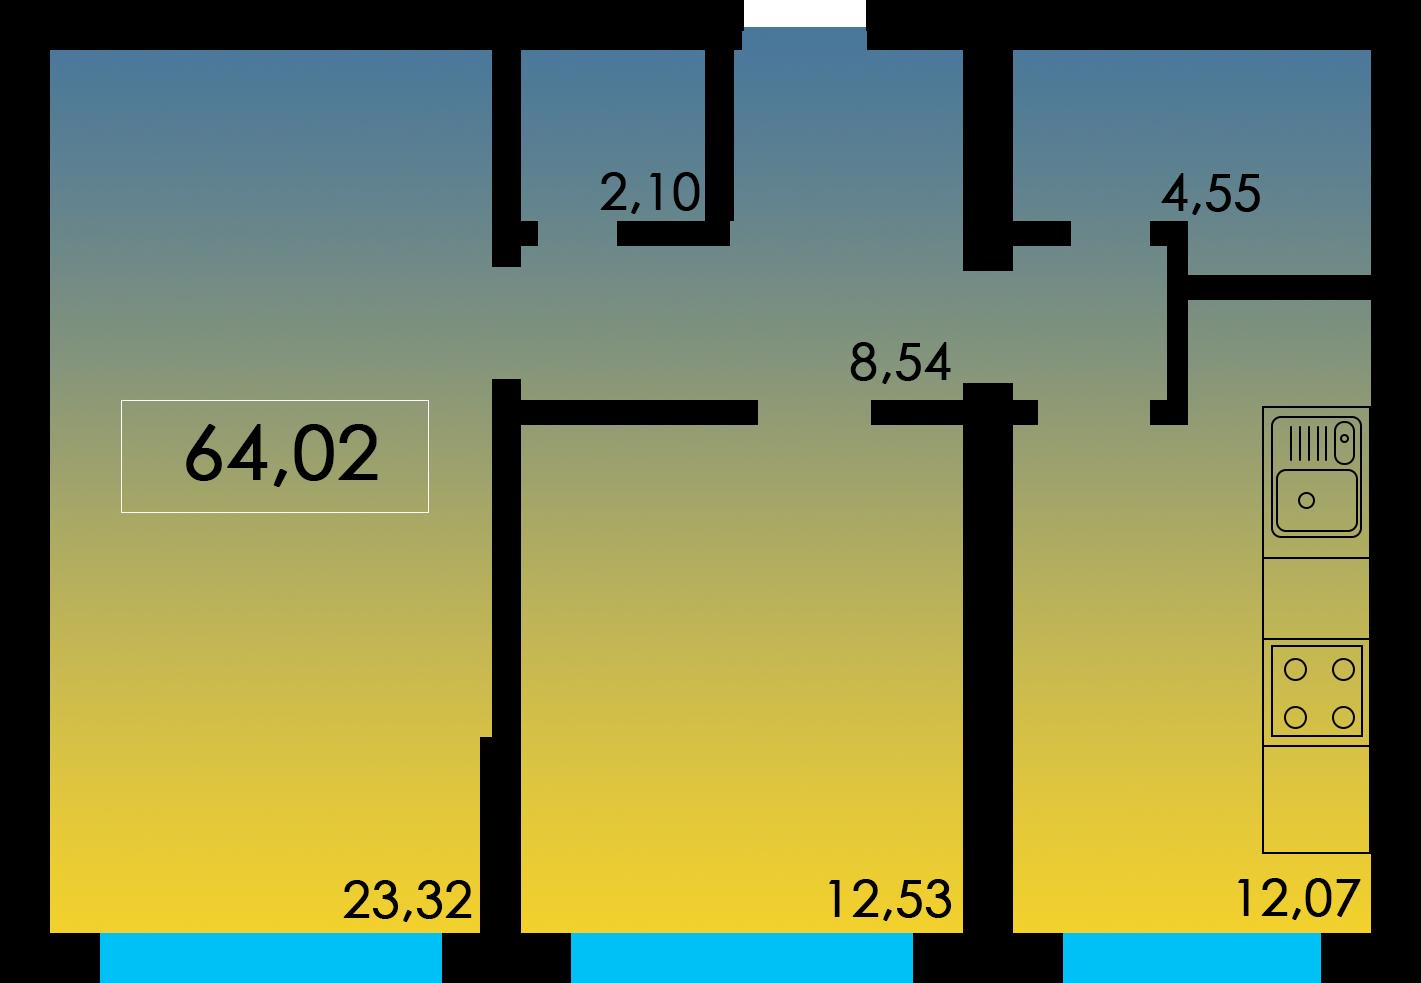 Двухкомнатная - ЖК Острова дом Мальдивы$38207Площадь:64.02m²